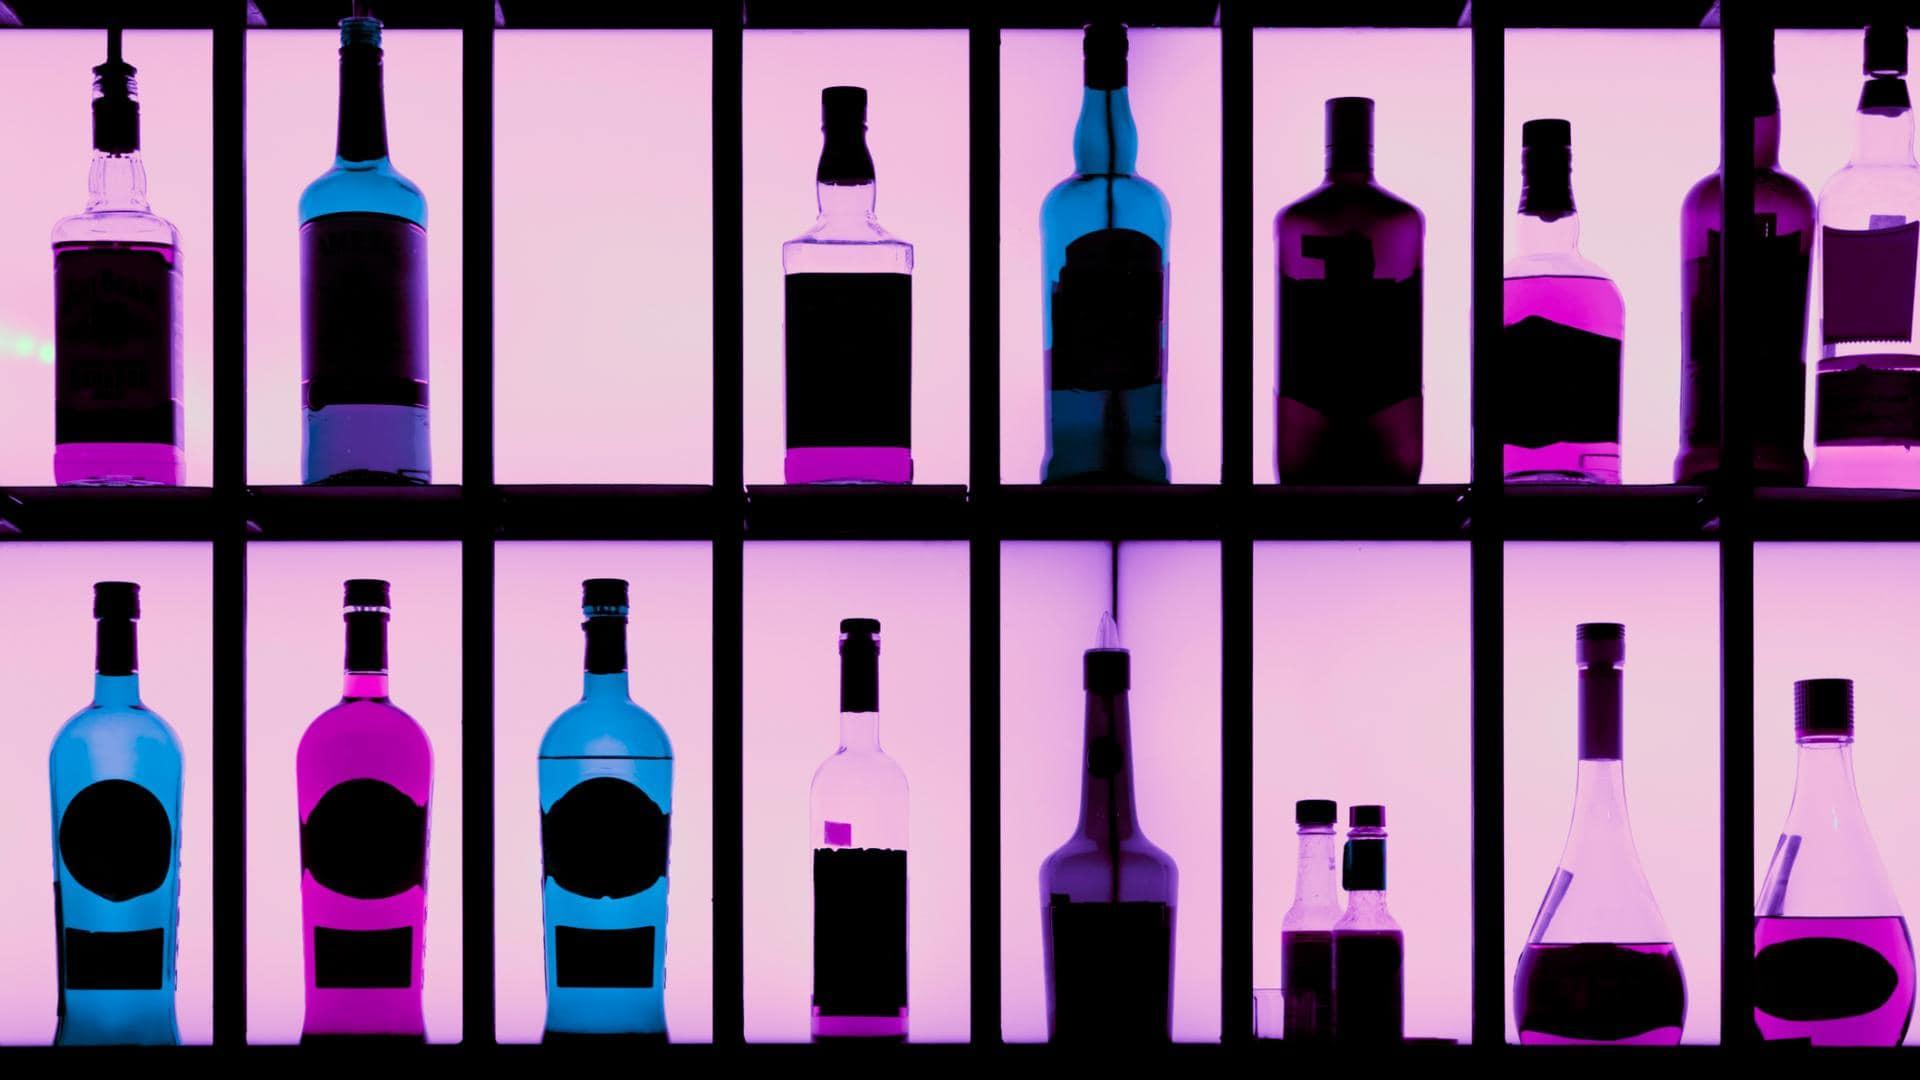 Alkohol Bar Flaschen